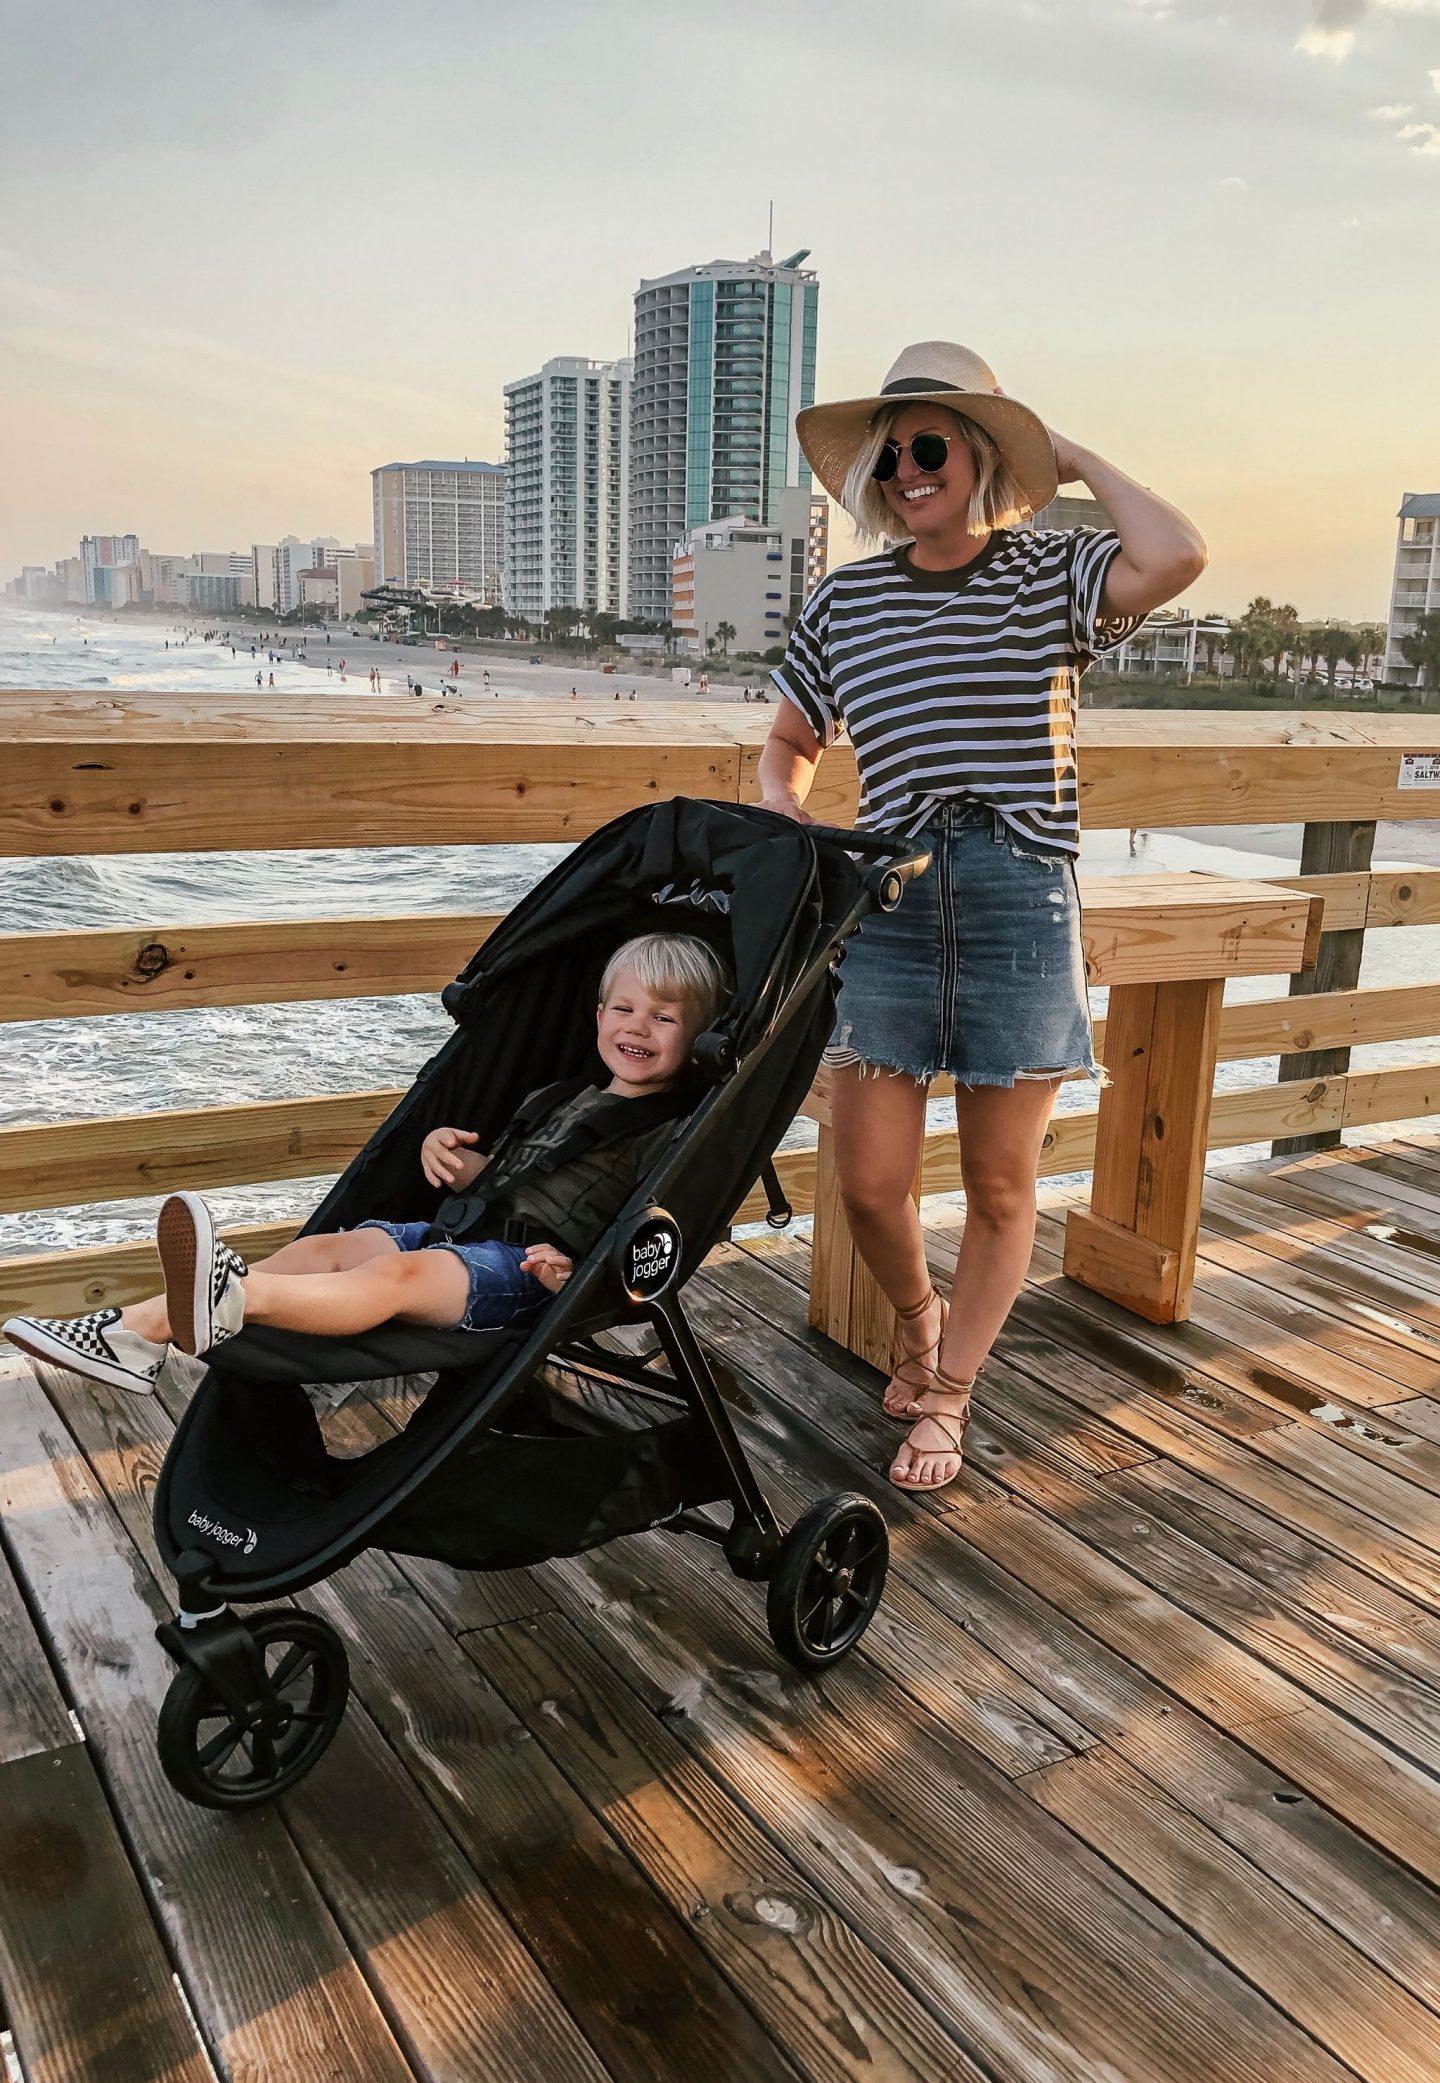 What stroller to get for a toddler, toddler stroller, baby jogger stroller